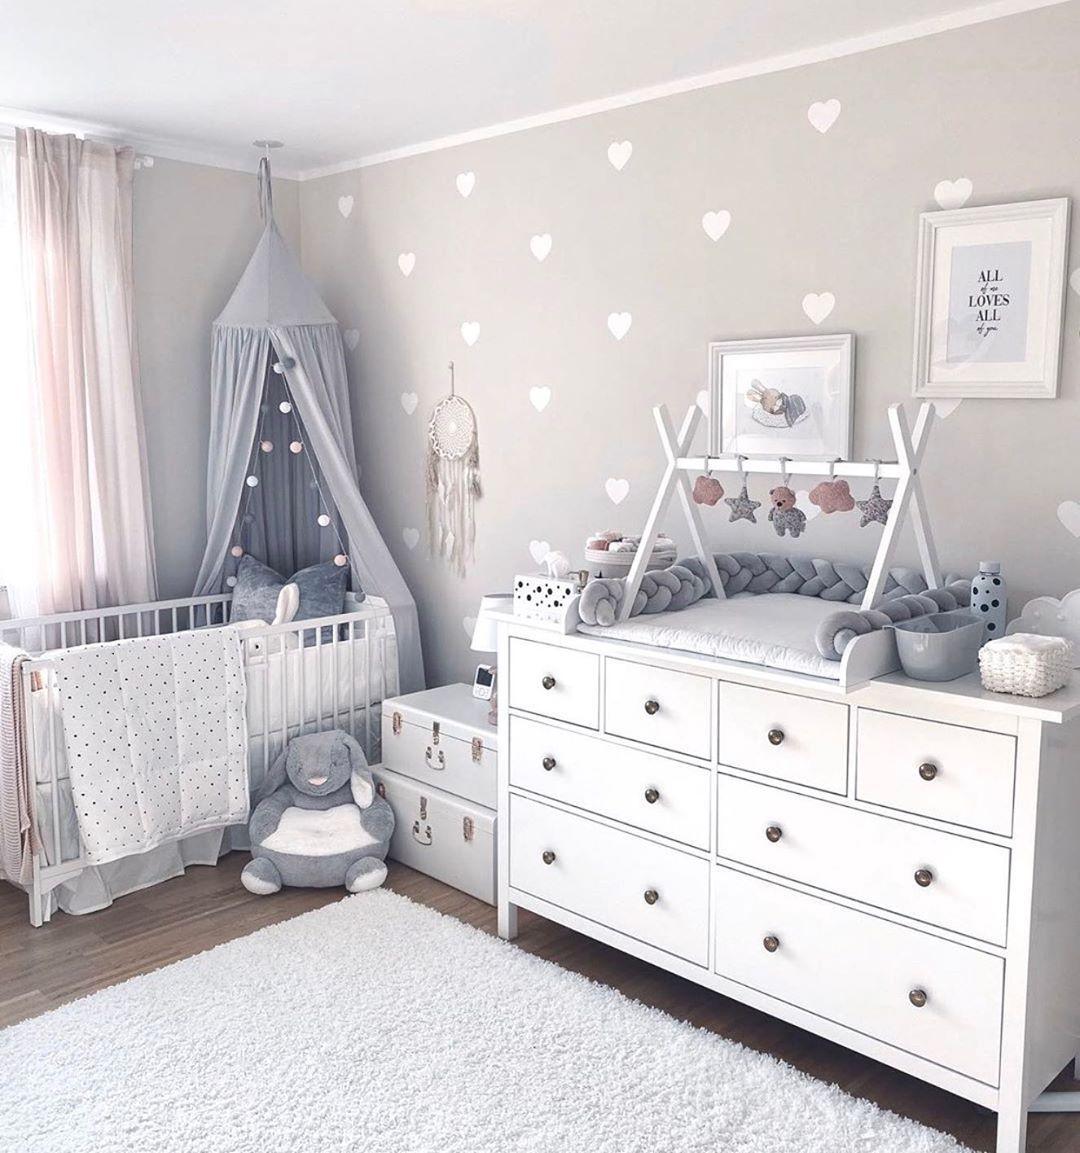 """Fantasyroom on Instagram: """"So ein schönes Babyzimmer bei � @jenna_franke ️ Der Tipi-Spielbog..."""